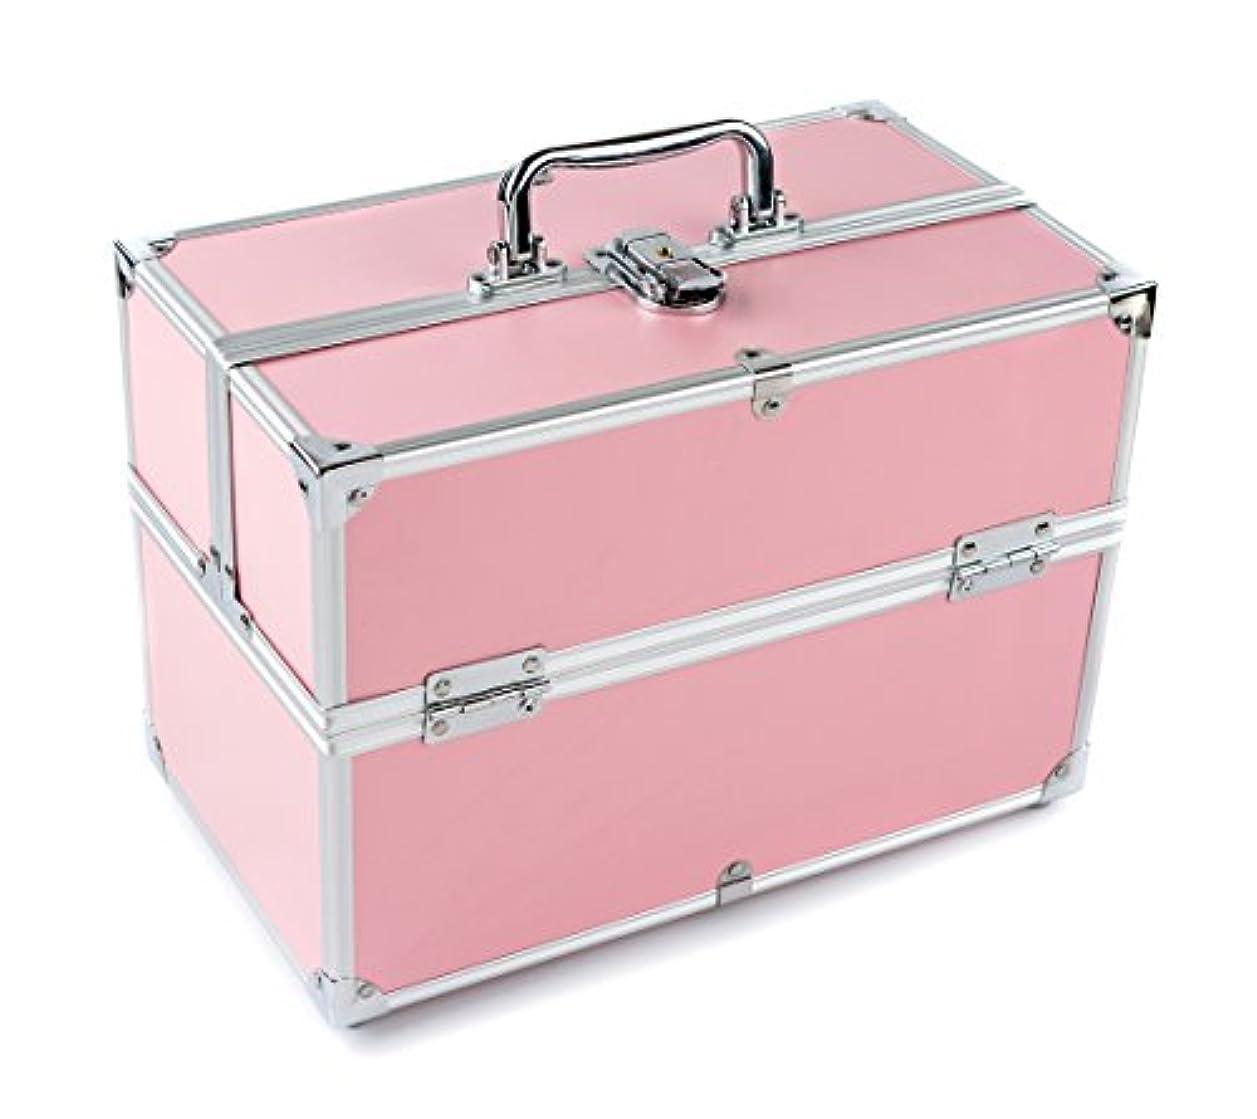 同意する再びシェルGOGOS コスメボックス 大容量 かわいい プロ 人気 アルミ制 コスメBOX メイクボックス 化粧道具入れ 化粧品収納 取っ手付 祝日プレゼント